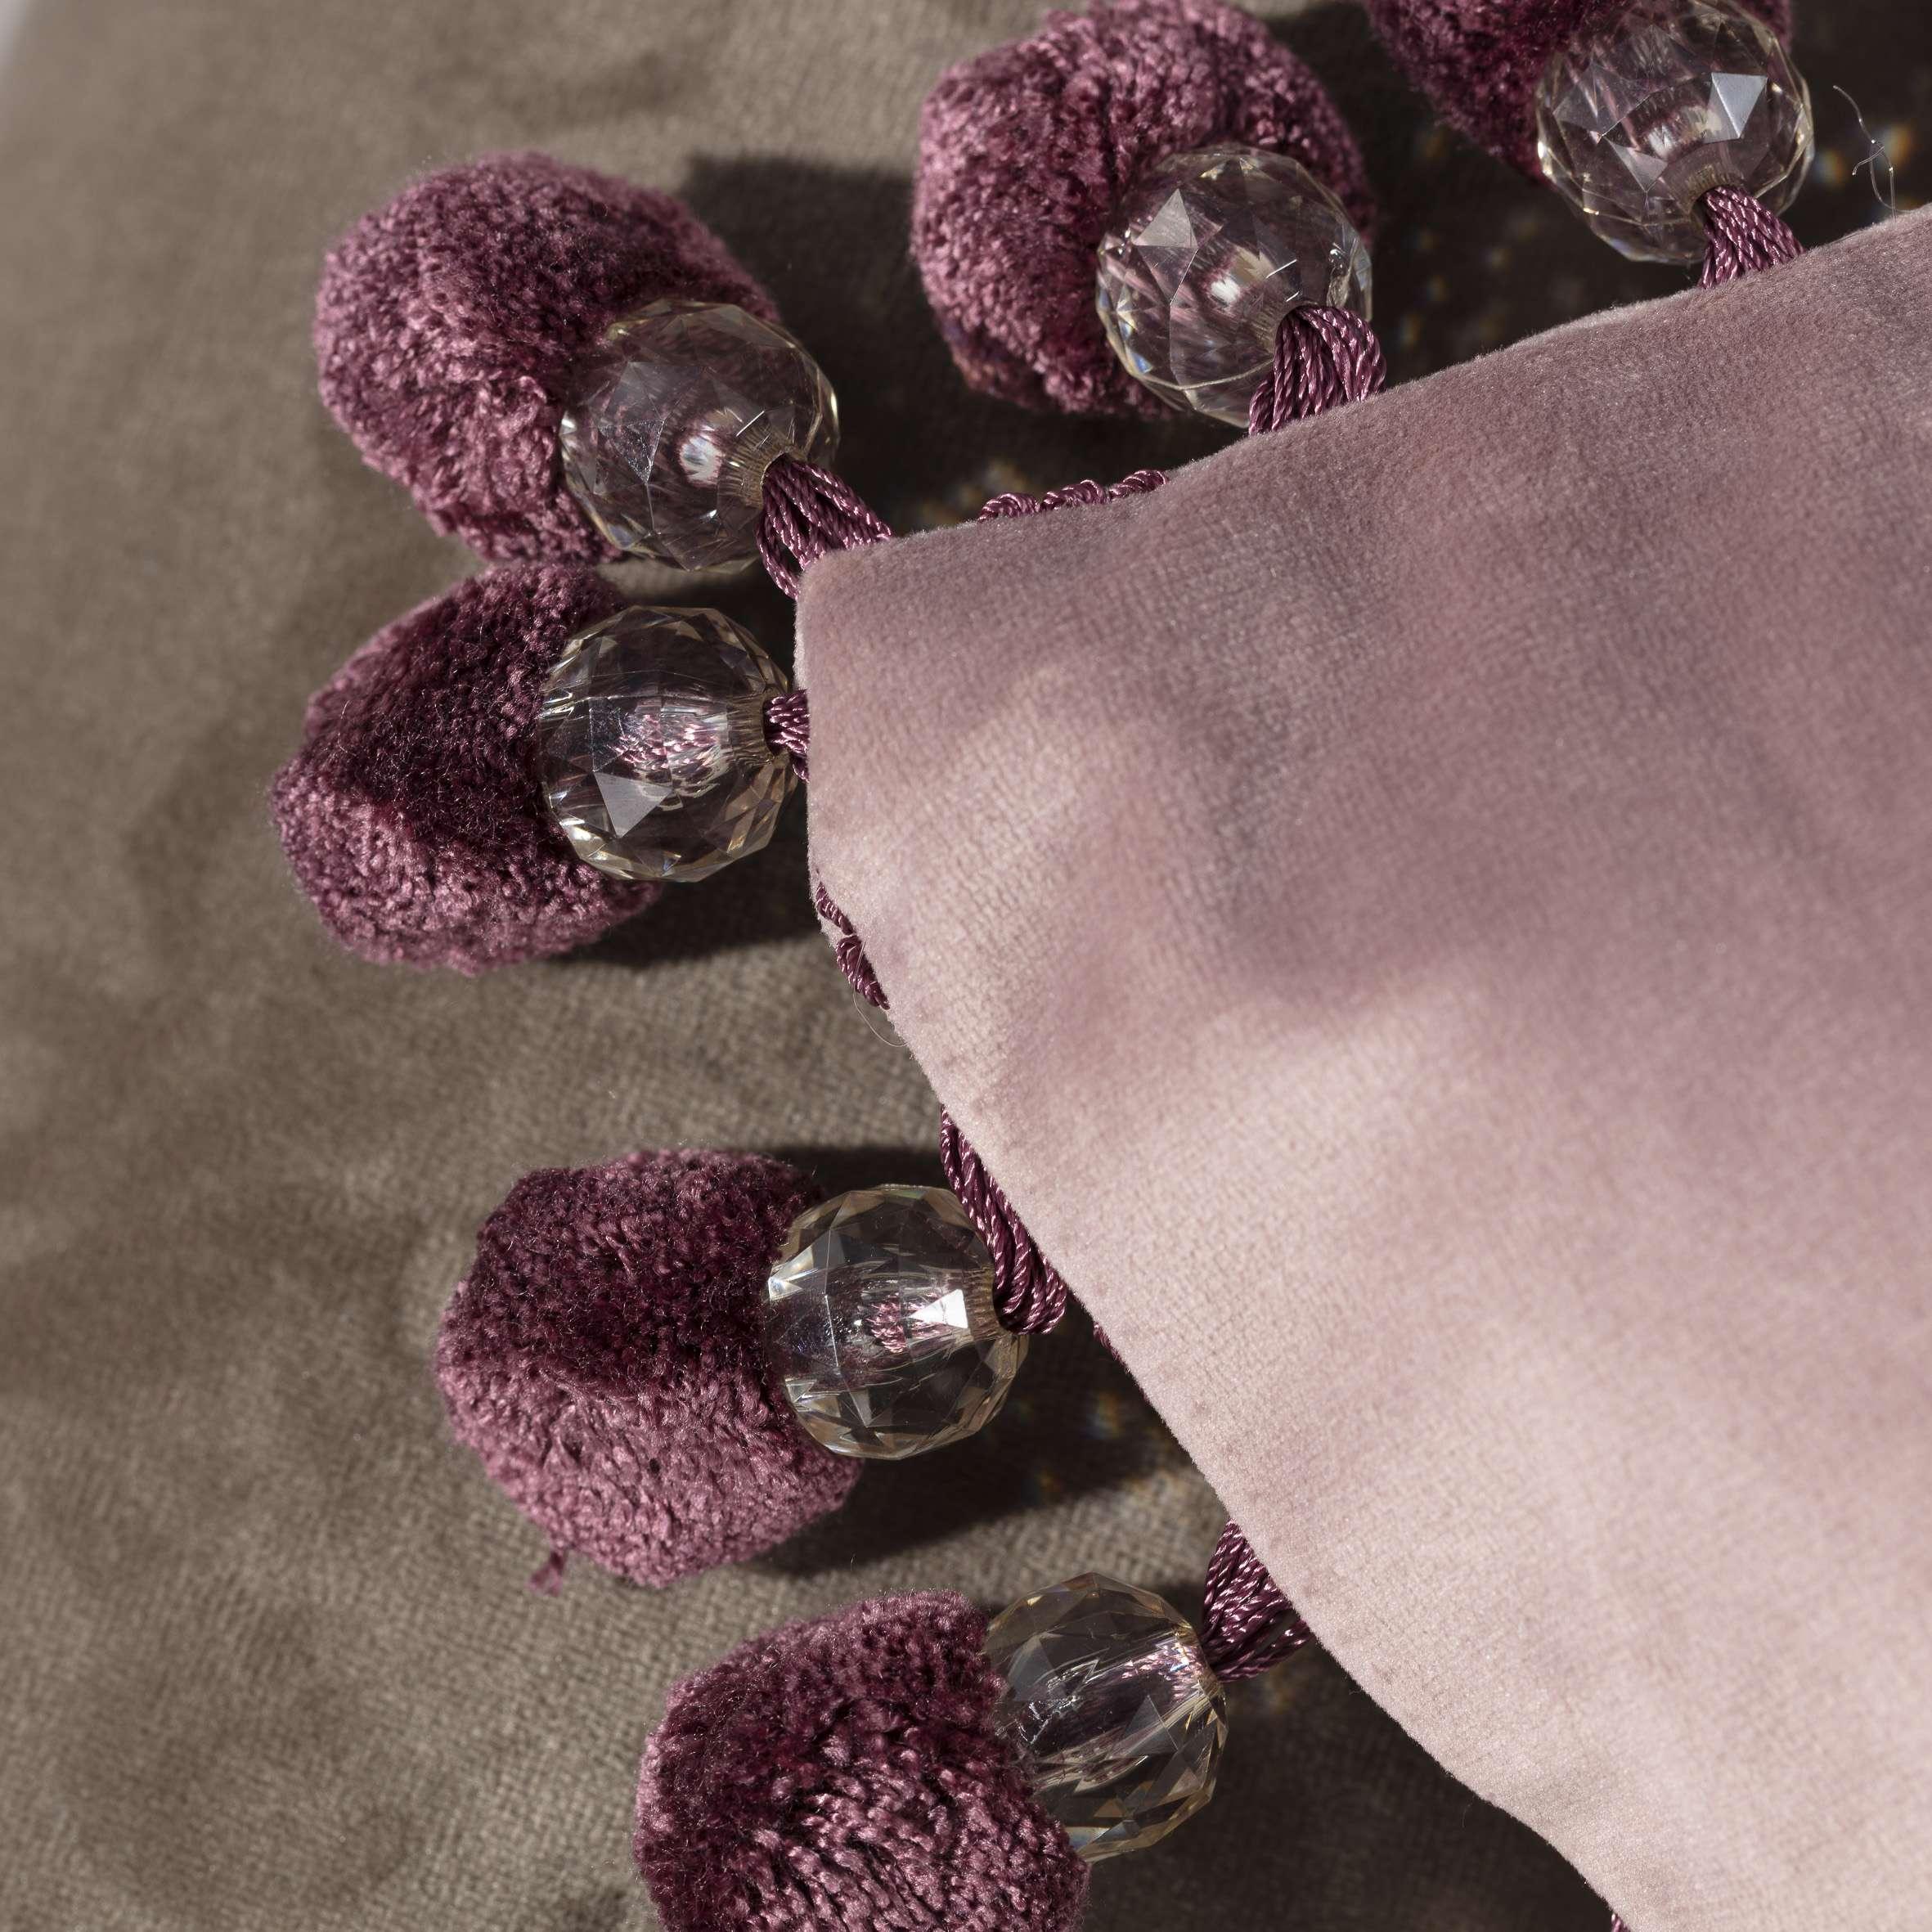 Poszewka Glamour 43 x 43 cm w kolekcji Velvet, tkanina: 704-14